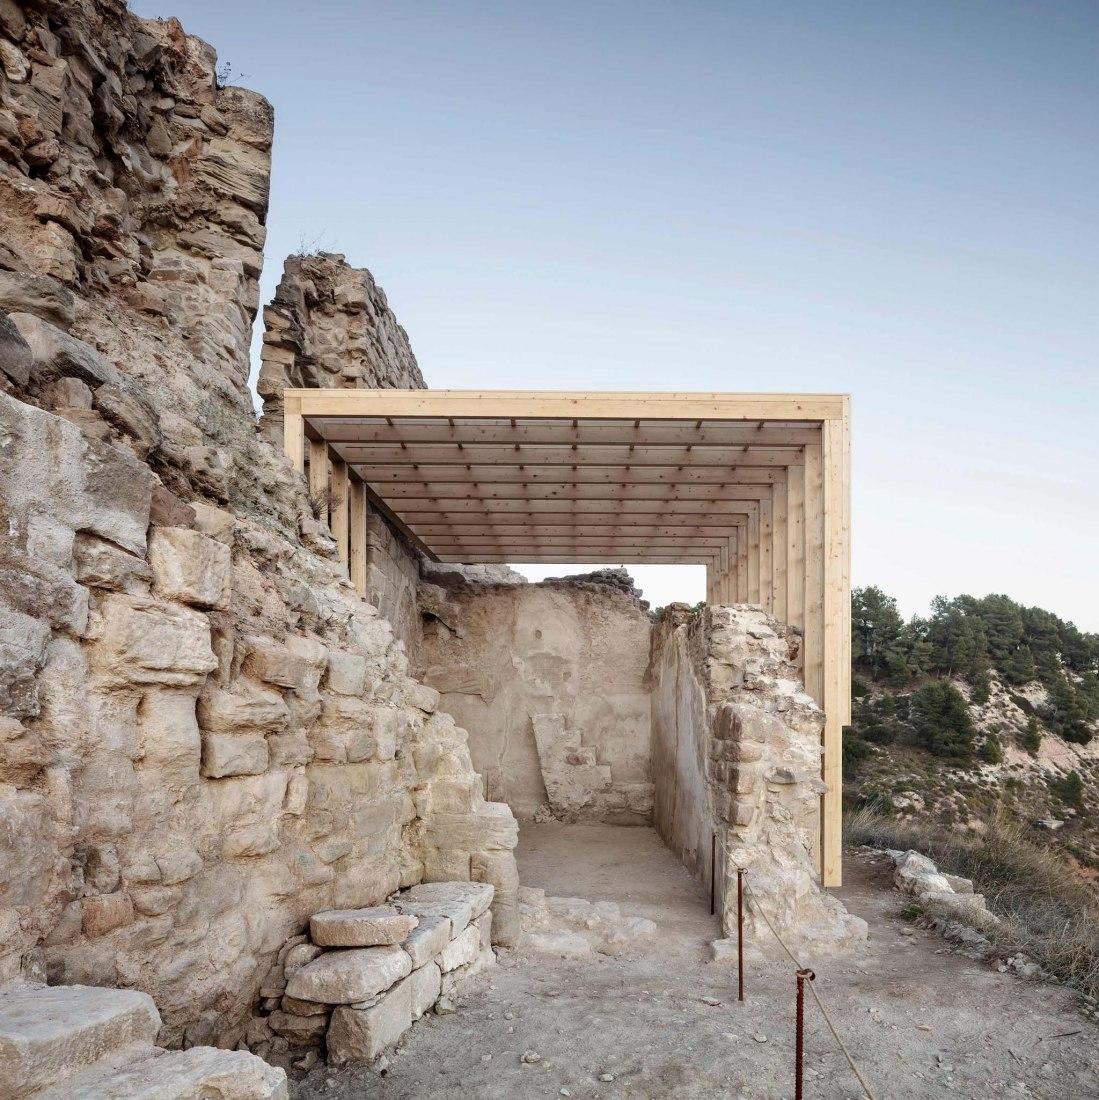 Adecuación paisajística del recinto amurallado y la capilla del Castillo de Jorba por Carles Enrich Studio. Fotografía por Adrià Goula